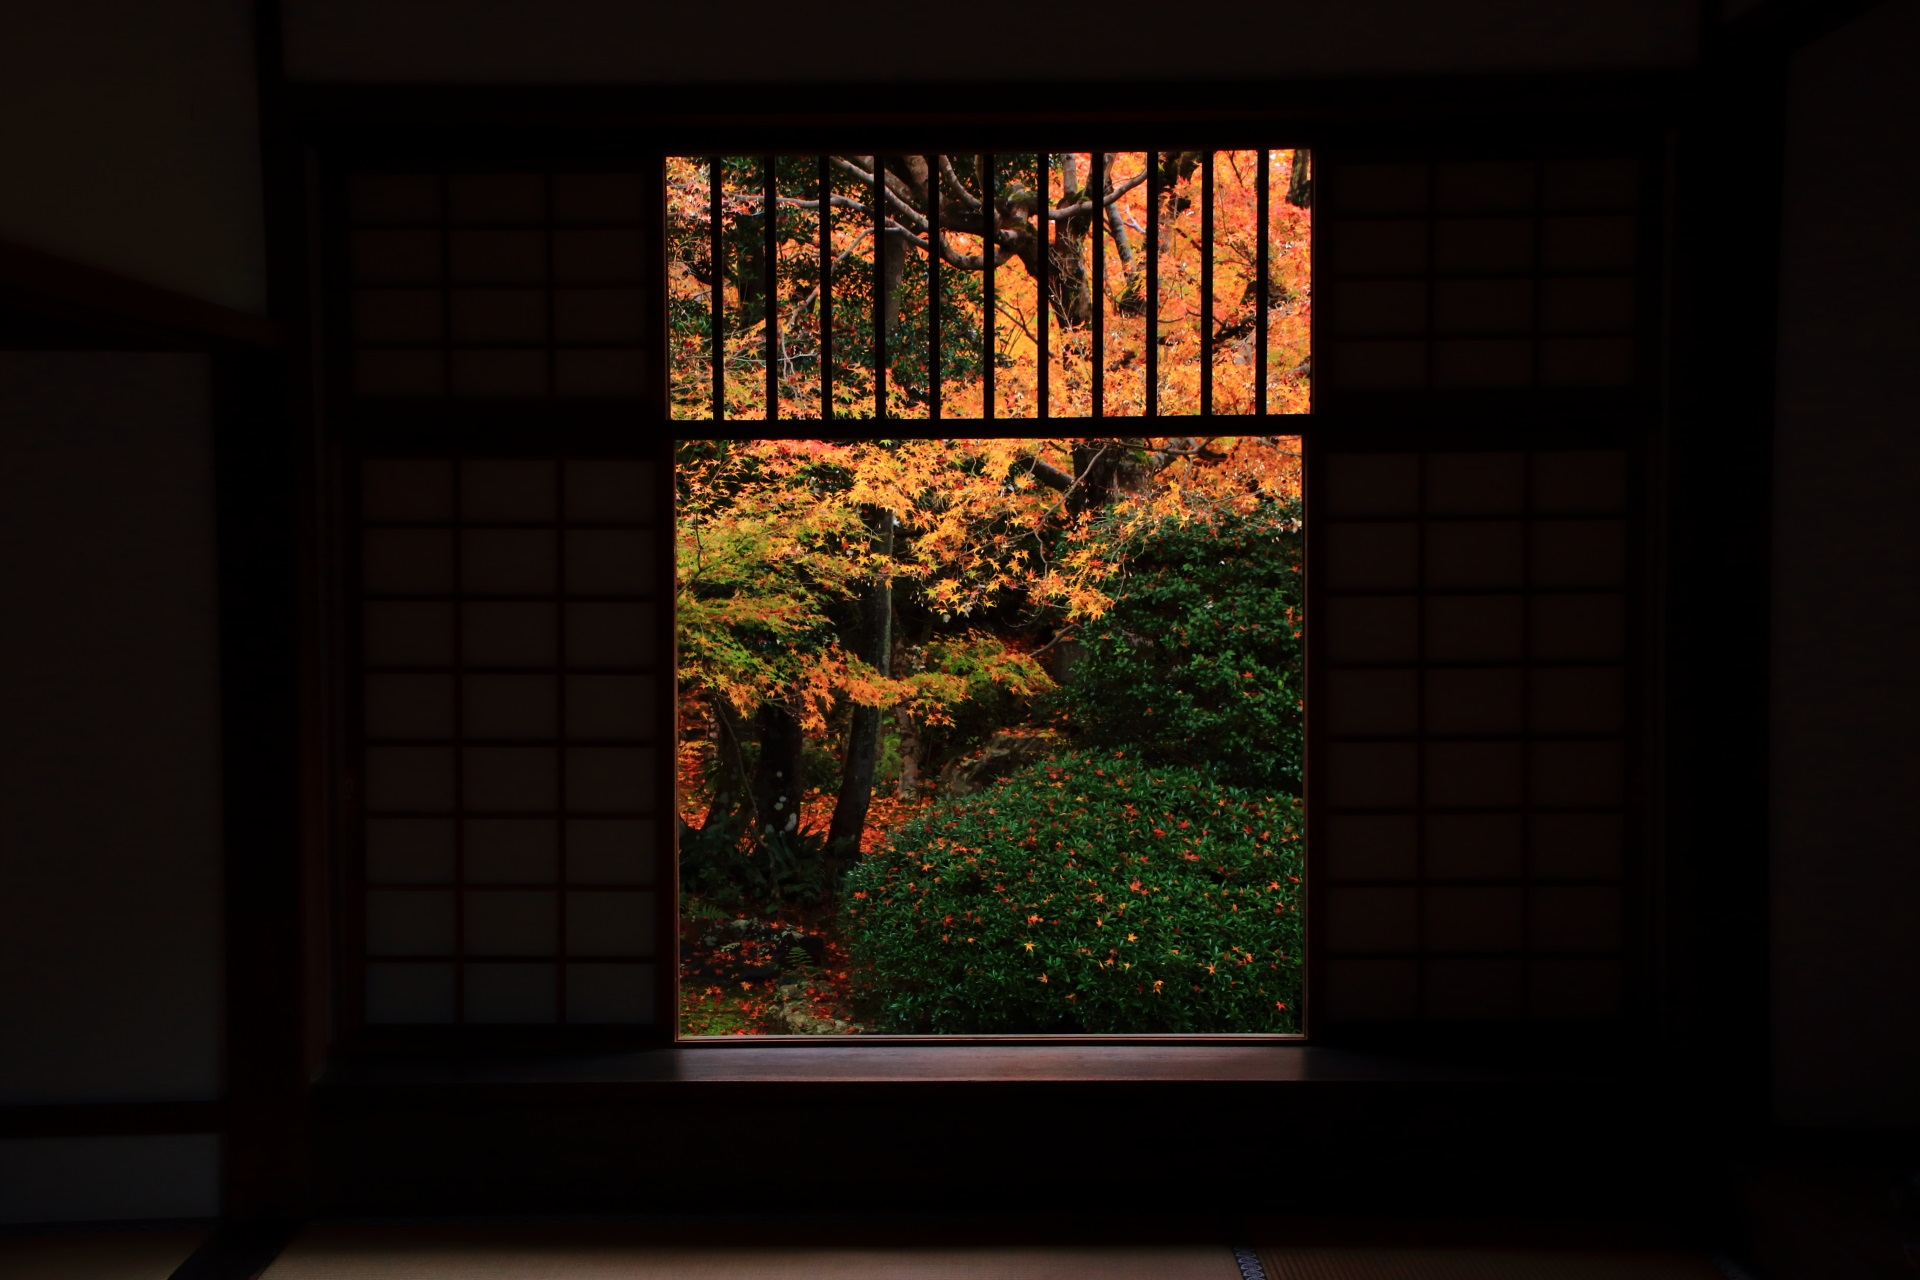 四角い「迷いの窓」の紅葉